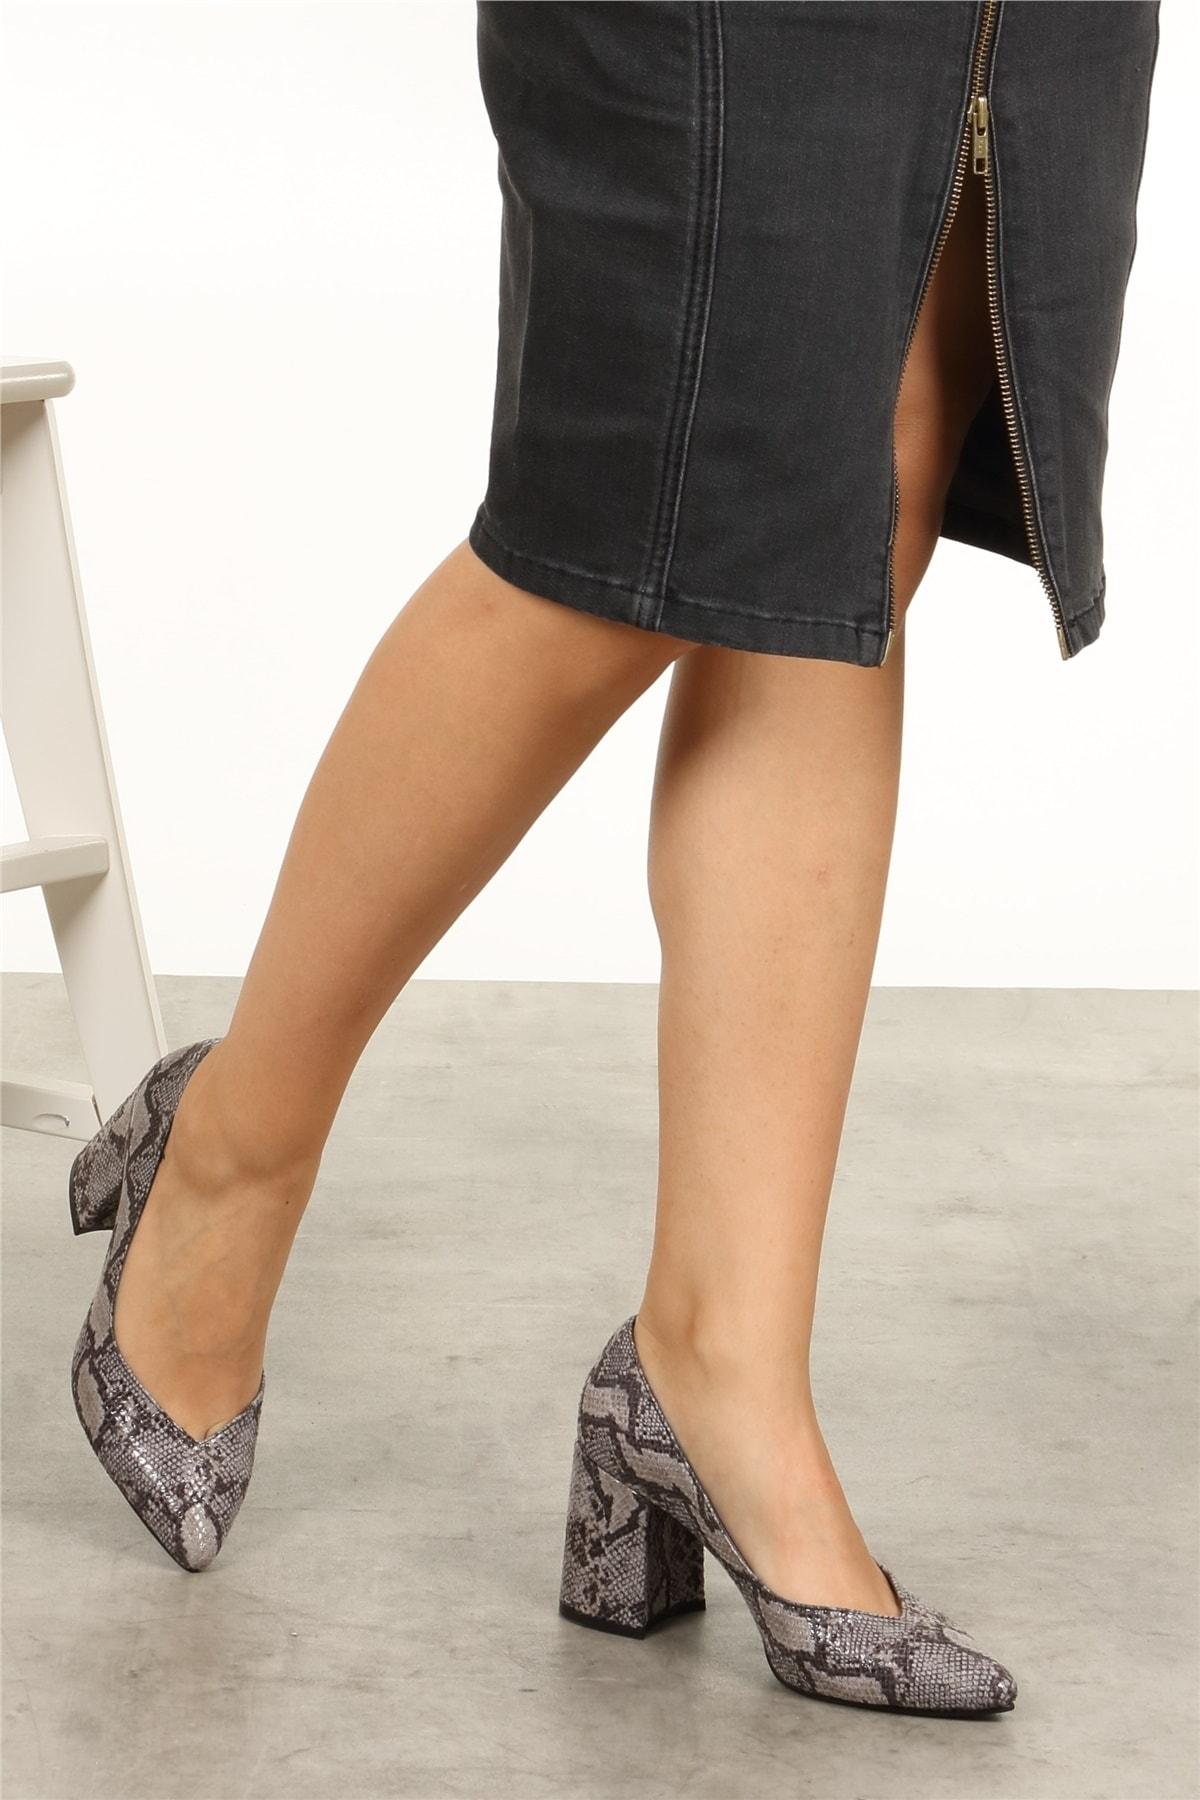 Mio Gusto Anna Gri Yılan Desenli Ayakkabı 2